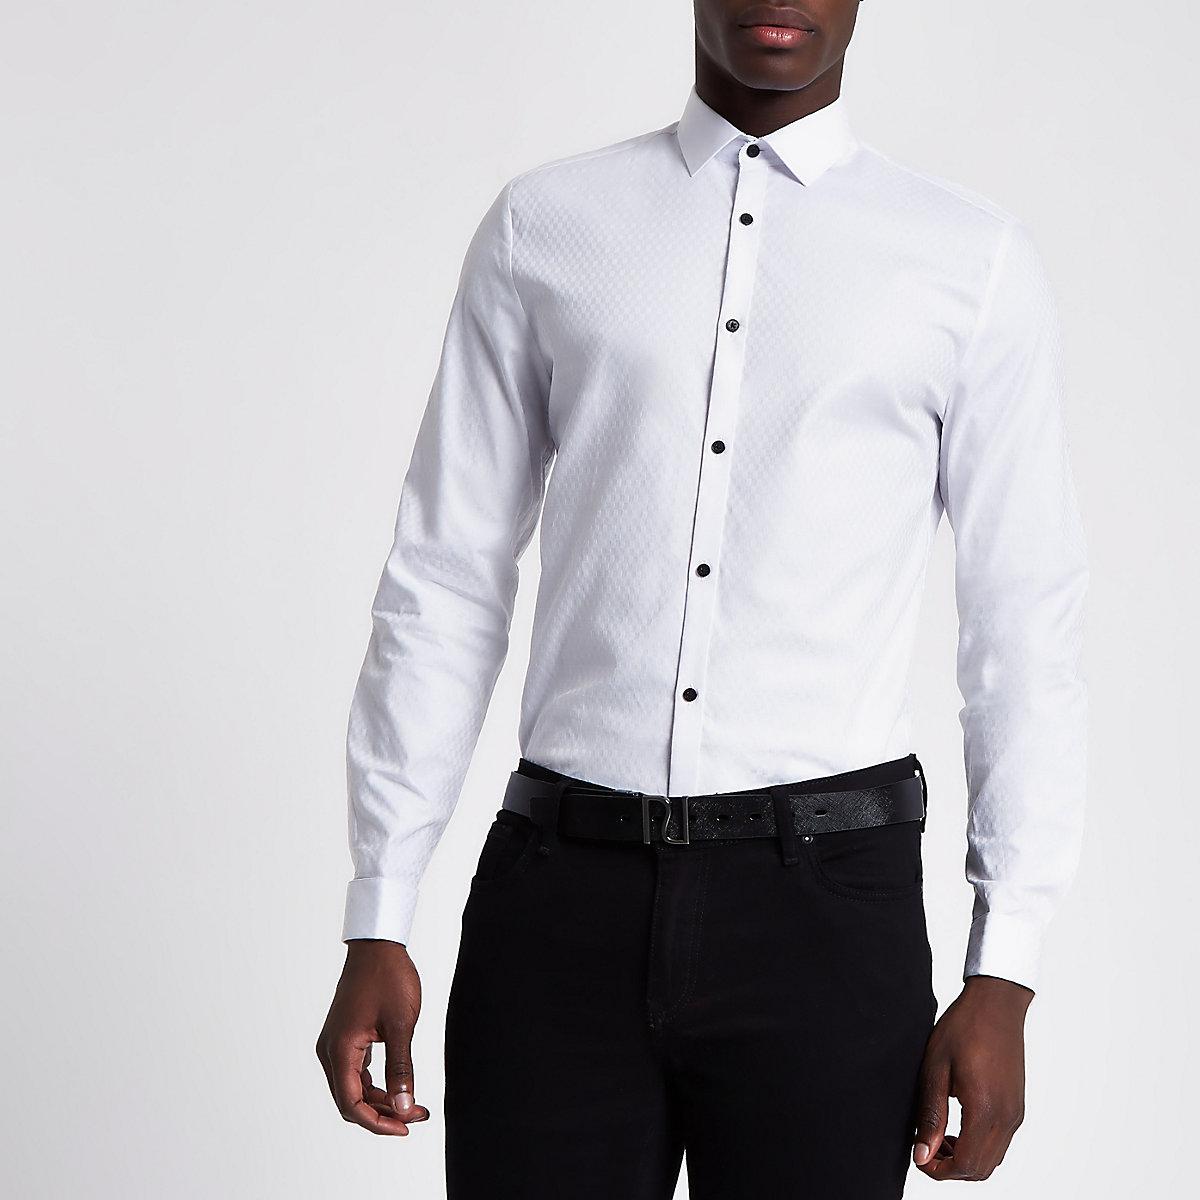 Slim Fit Wit Overhemd.Wit Jacquard Slim Fit Overhemd Overhemden Met Lange Mouwen